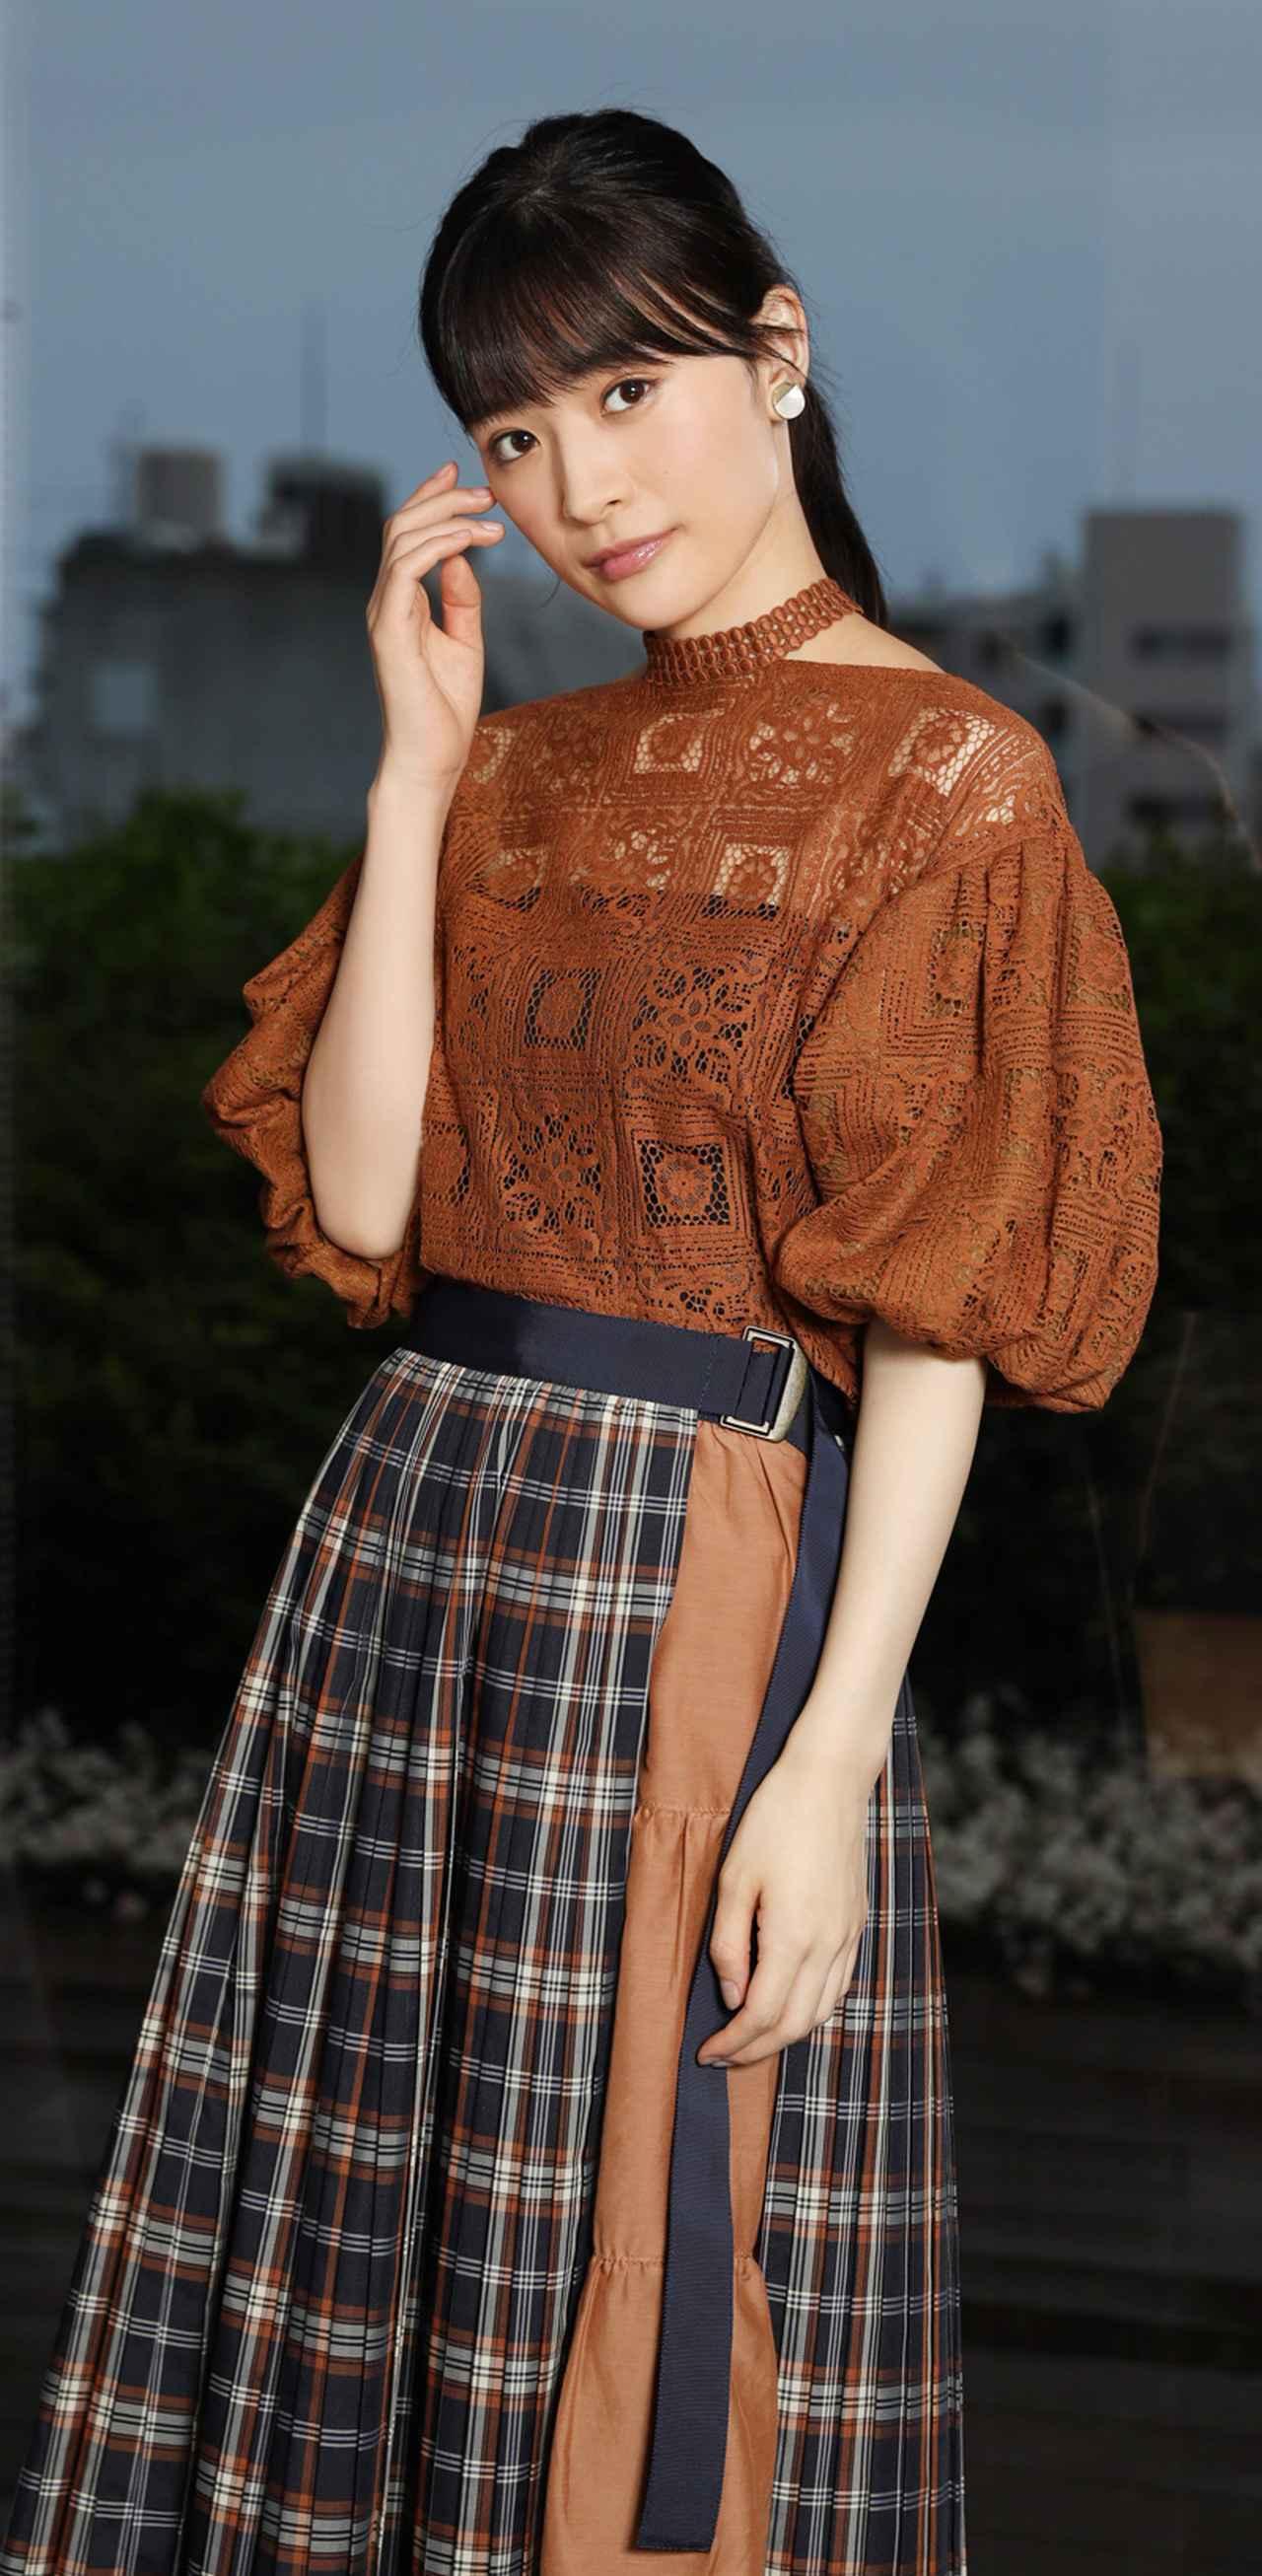 画像3: カリスマラッパーANARCHYが創り上げた青春作「WALKING MAN」が、いよいよ10月11日(金)に公開。可憐ながらも凄みのある芝居を見せた、注目女優の優希美青にインタビュー